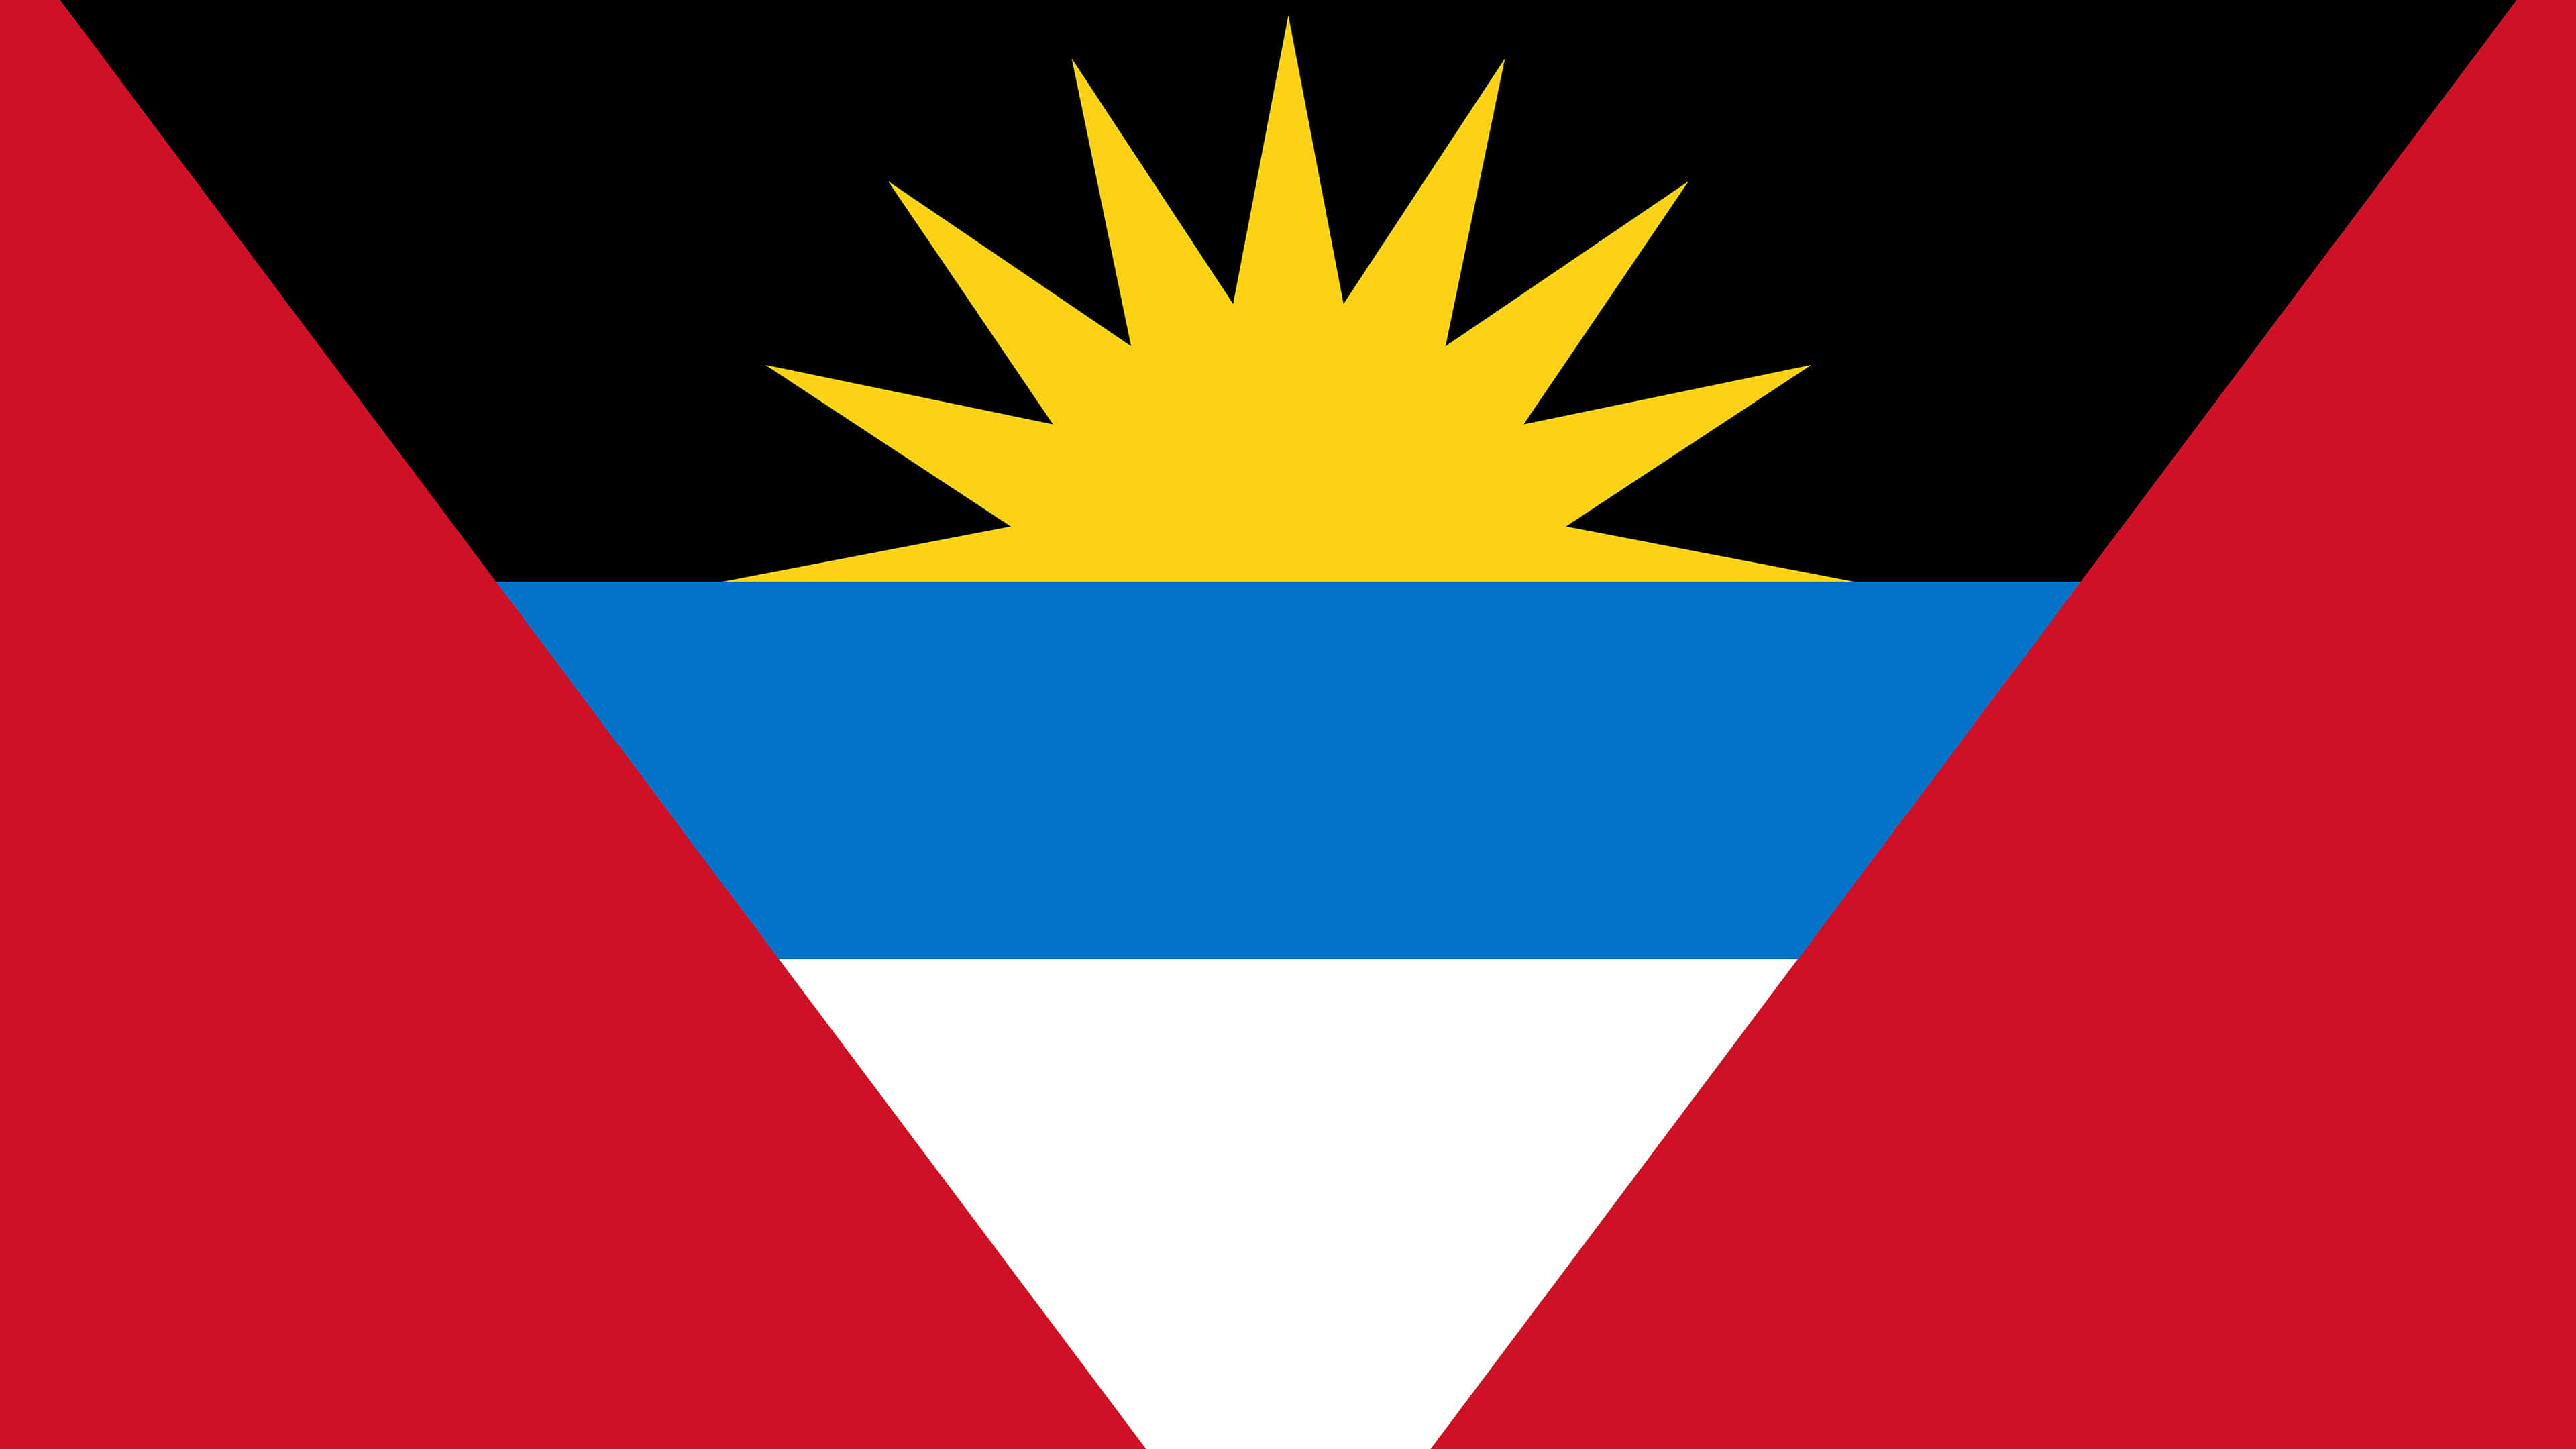 antigua and barbuda flag uhd 4k wallpaper